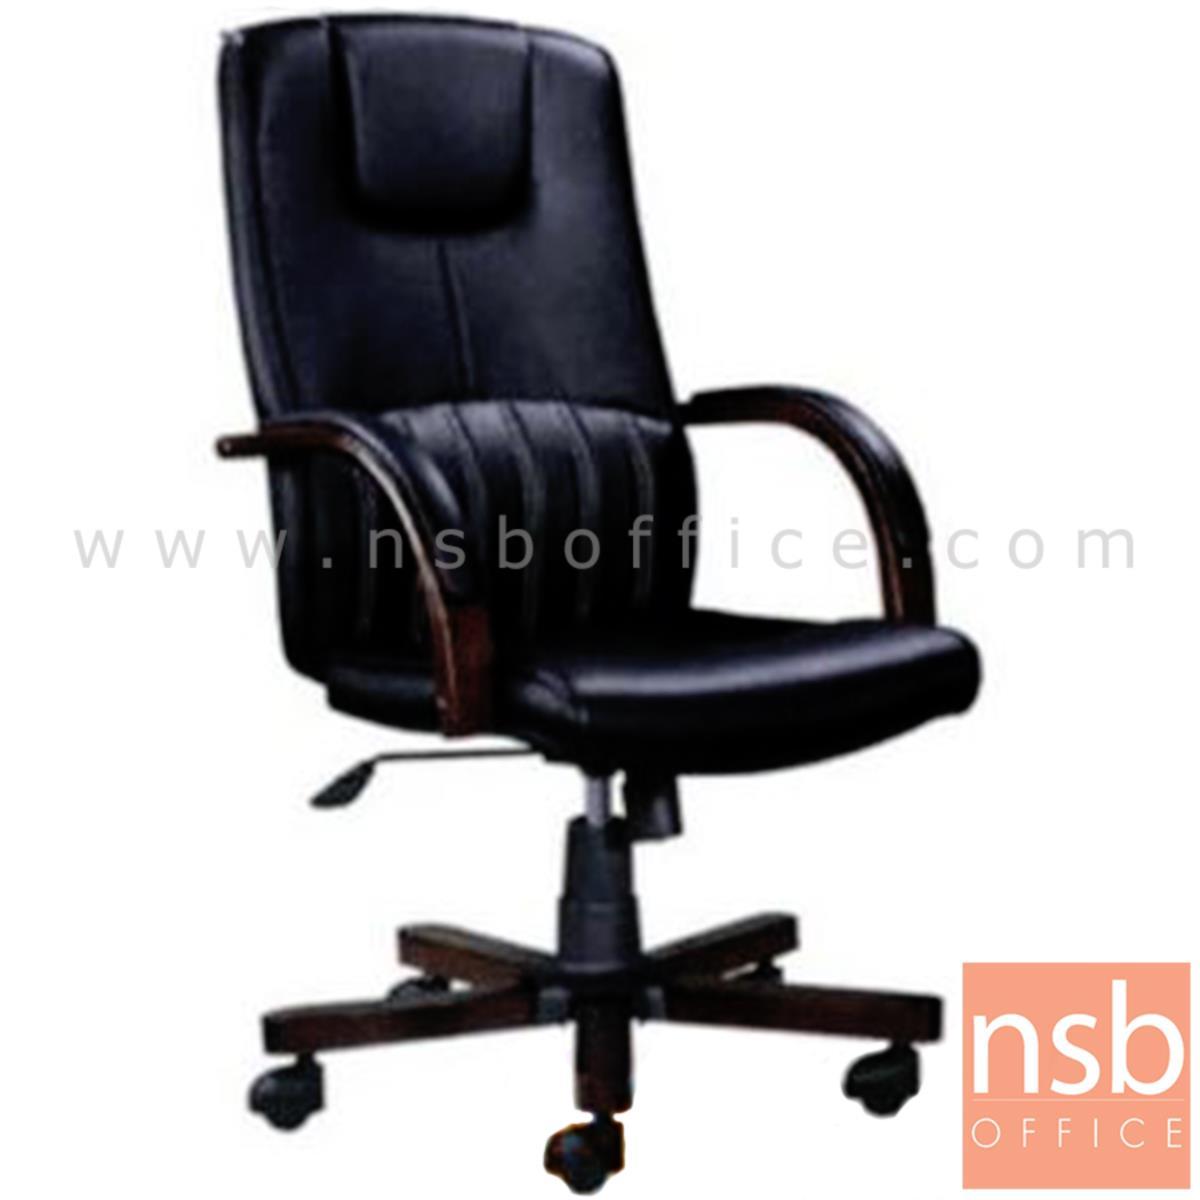 B25A055:เก้าอี้ผู้บริหารหนังเทียม รุ่น Springsteen (สปริงส์ทีน)  โช๊คแก๊ส มีก้อนโยก ขาไม้